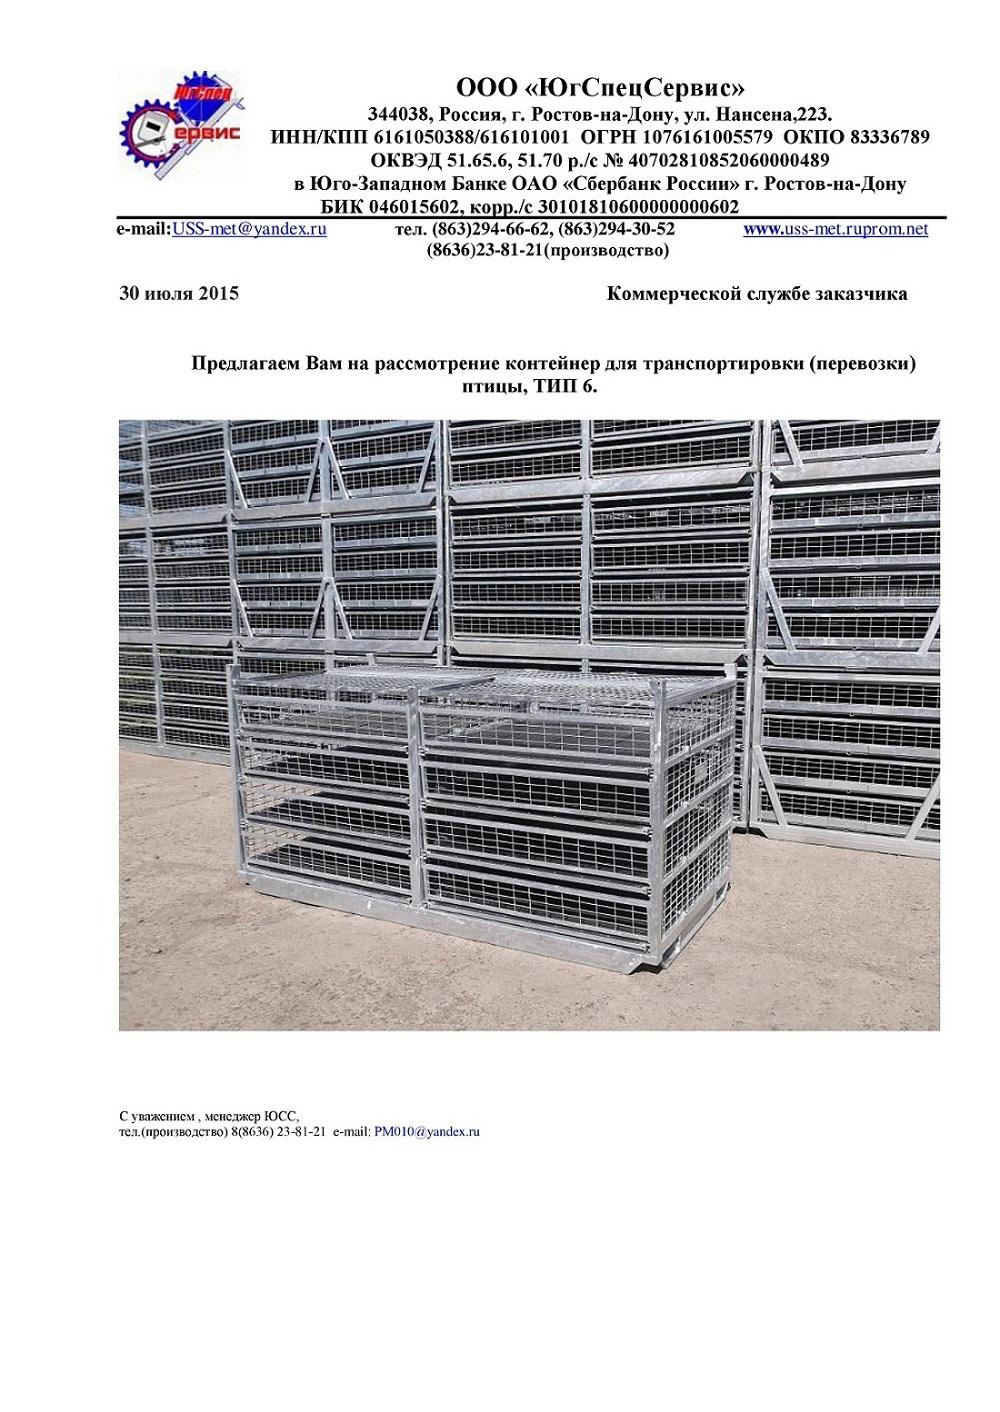 Контейнеры для птицы ТИП 6 (линия MEYN) транспортировка